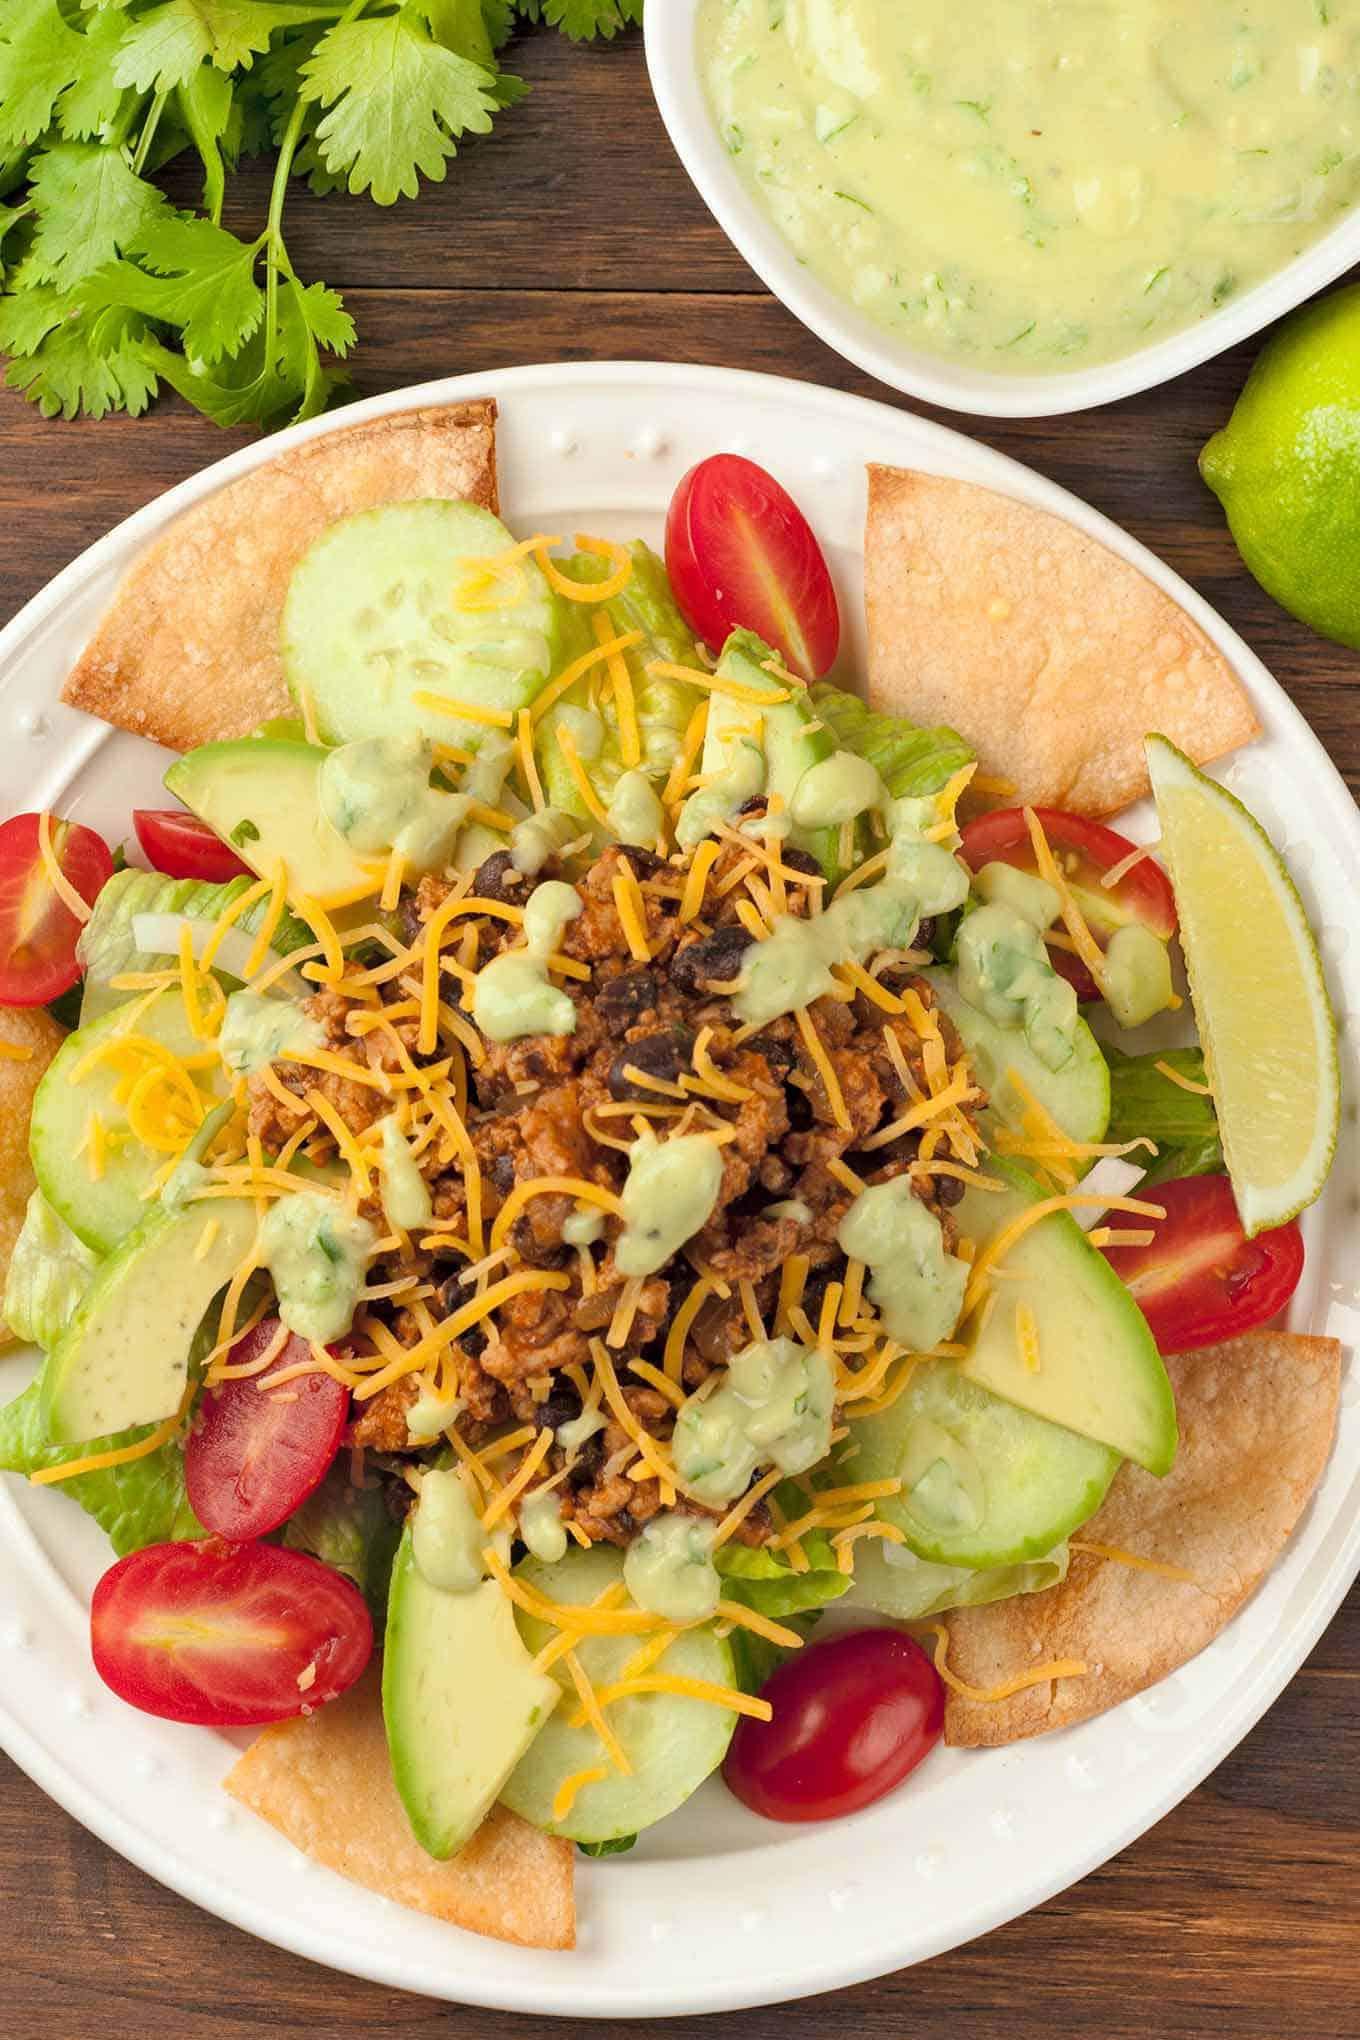 Taco Salad with Avocado Dressing